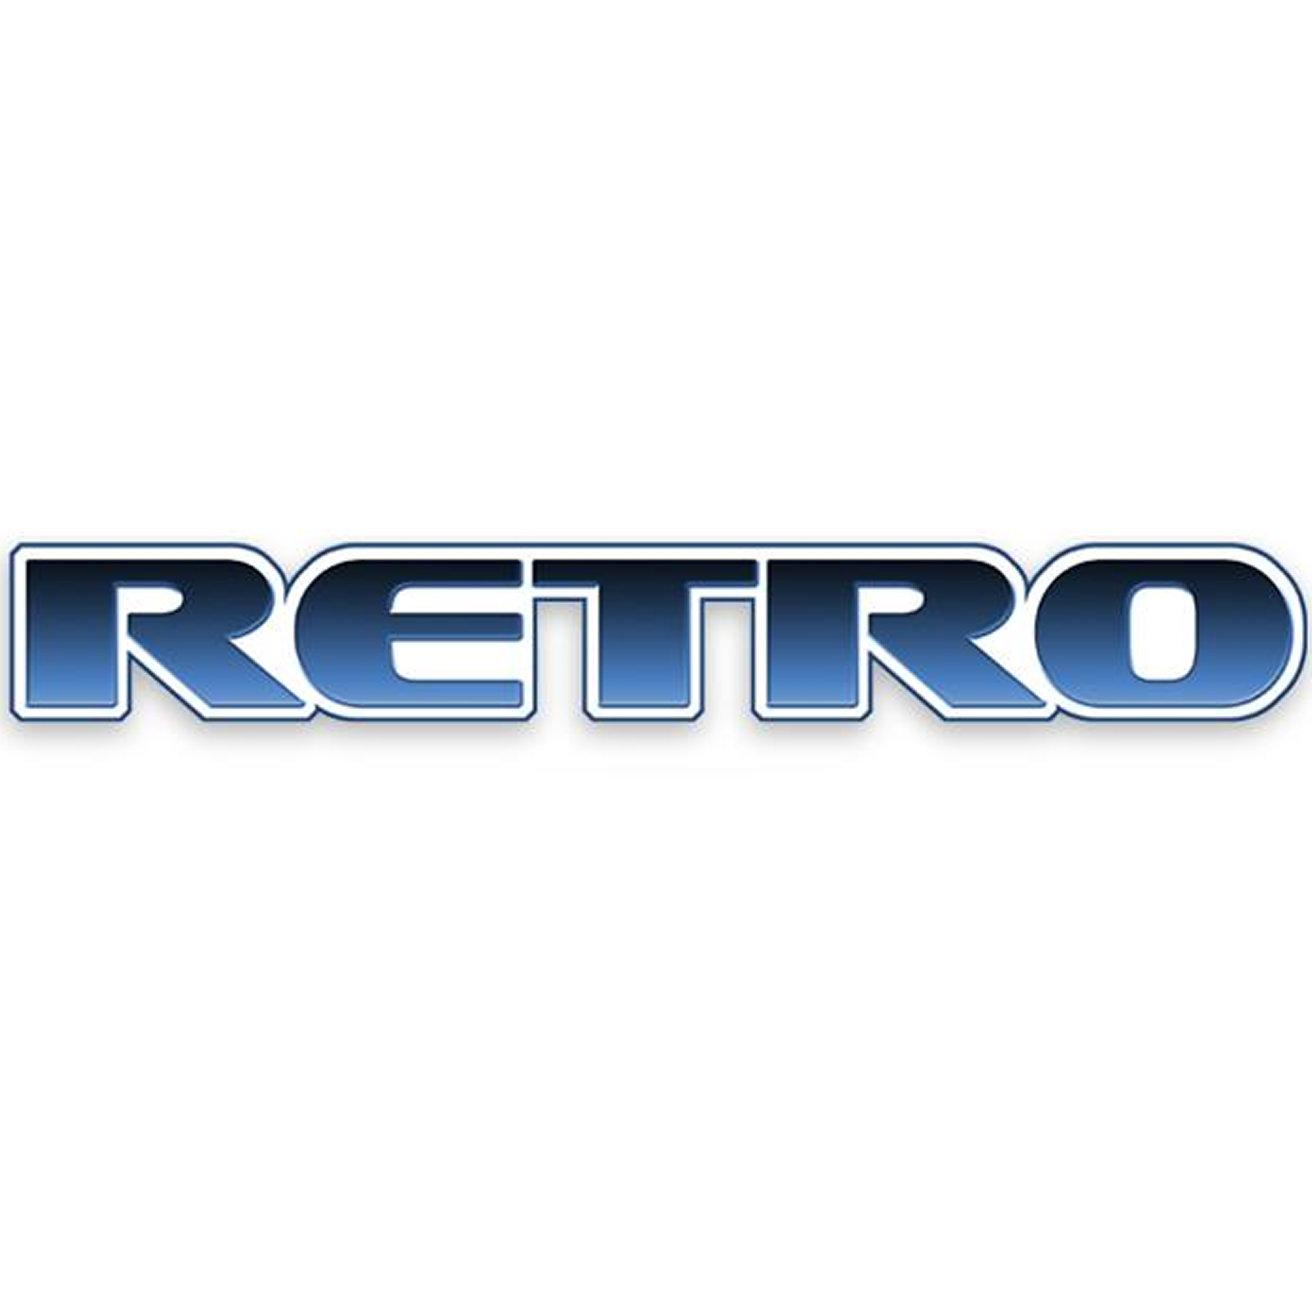 レトロスタジオ、新作の新キャラ公開される 開発者